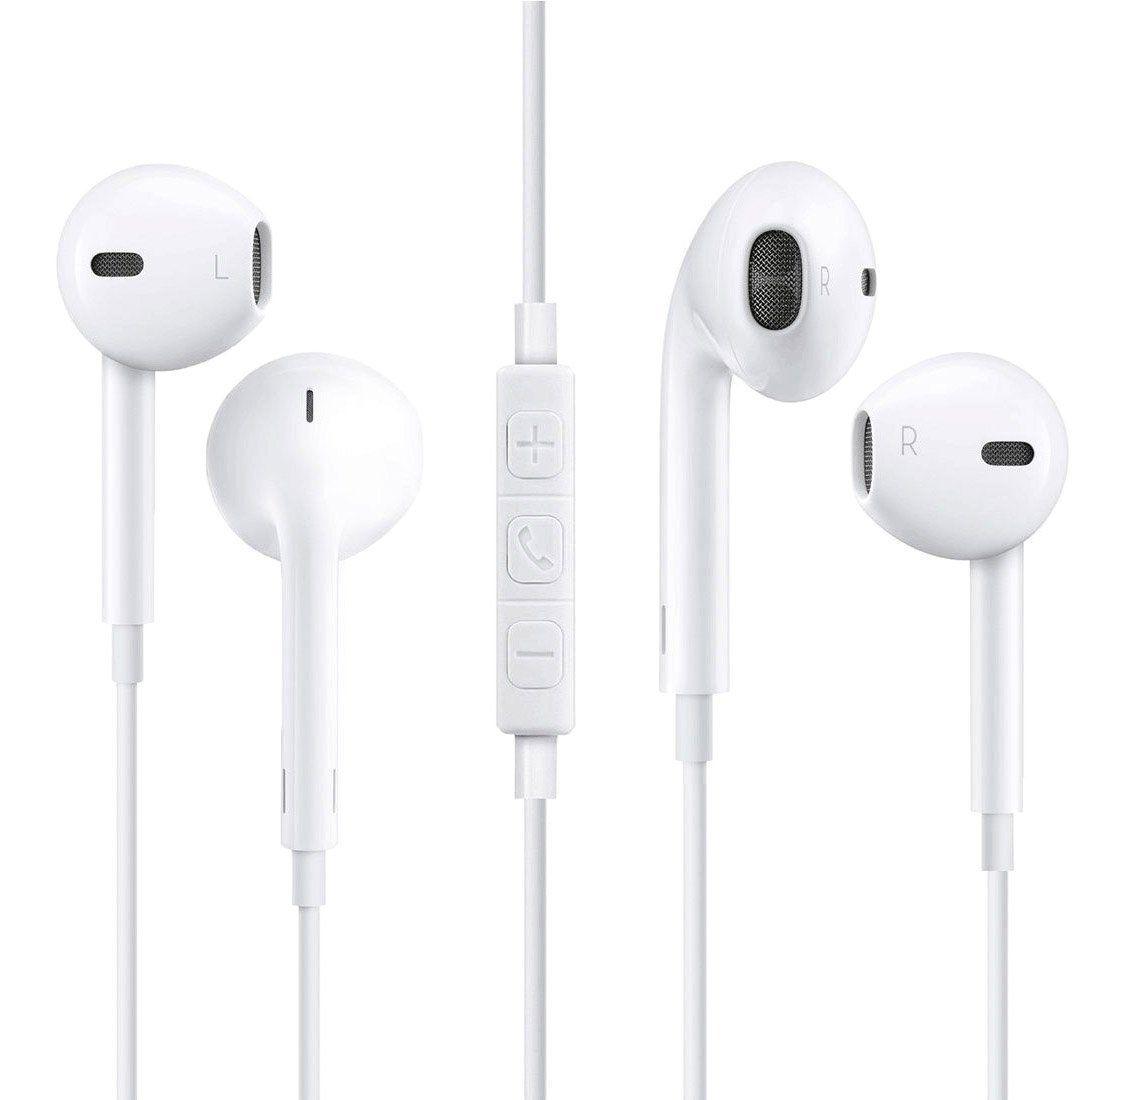 Earphones2 Pack Iphone Earbuds Earphones With Microphone Headphones